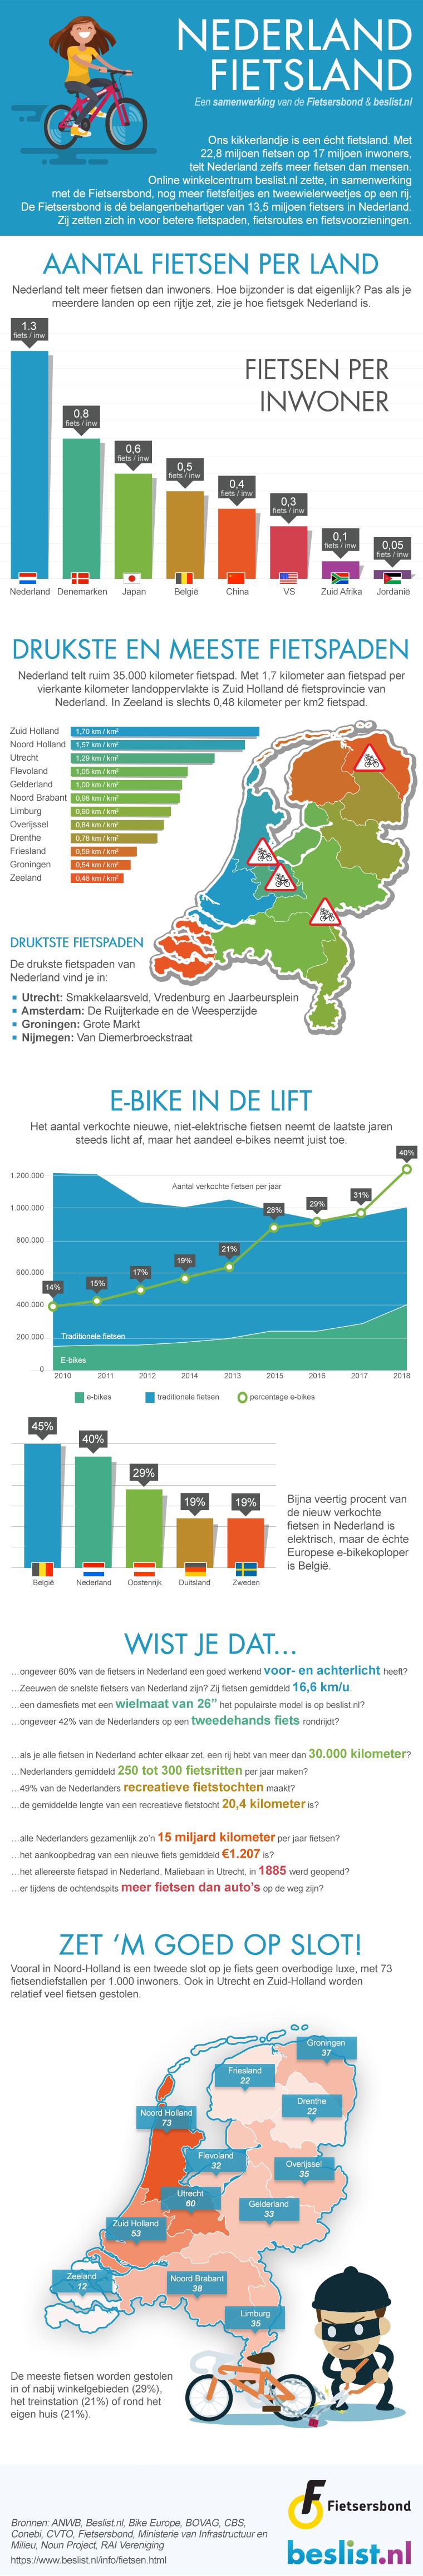 Infographic: Fietsen 2019